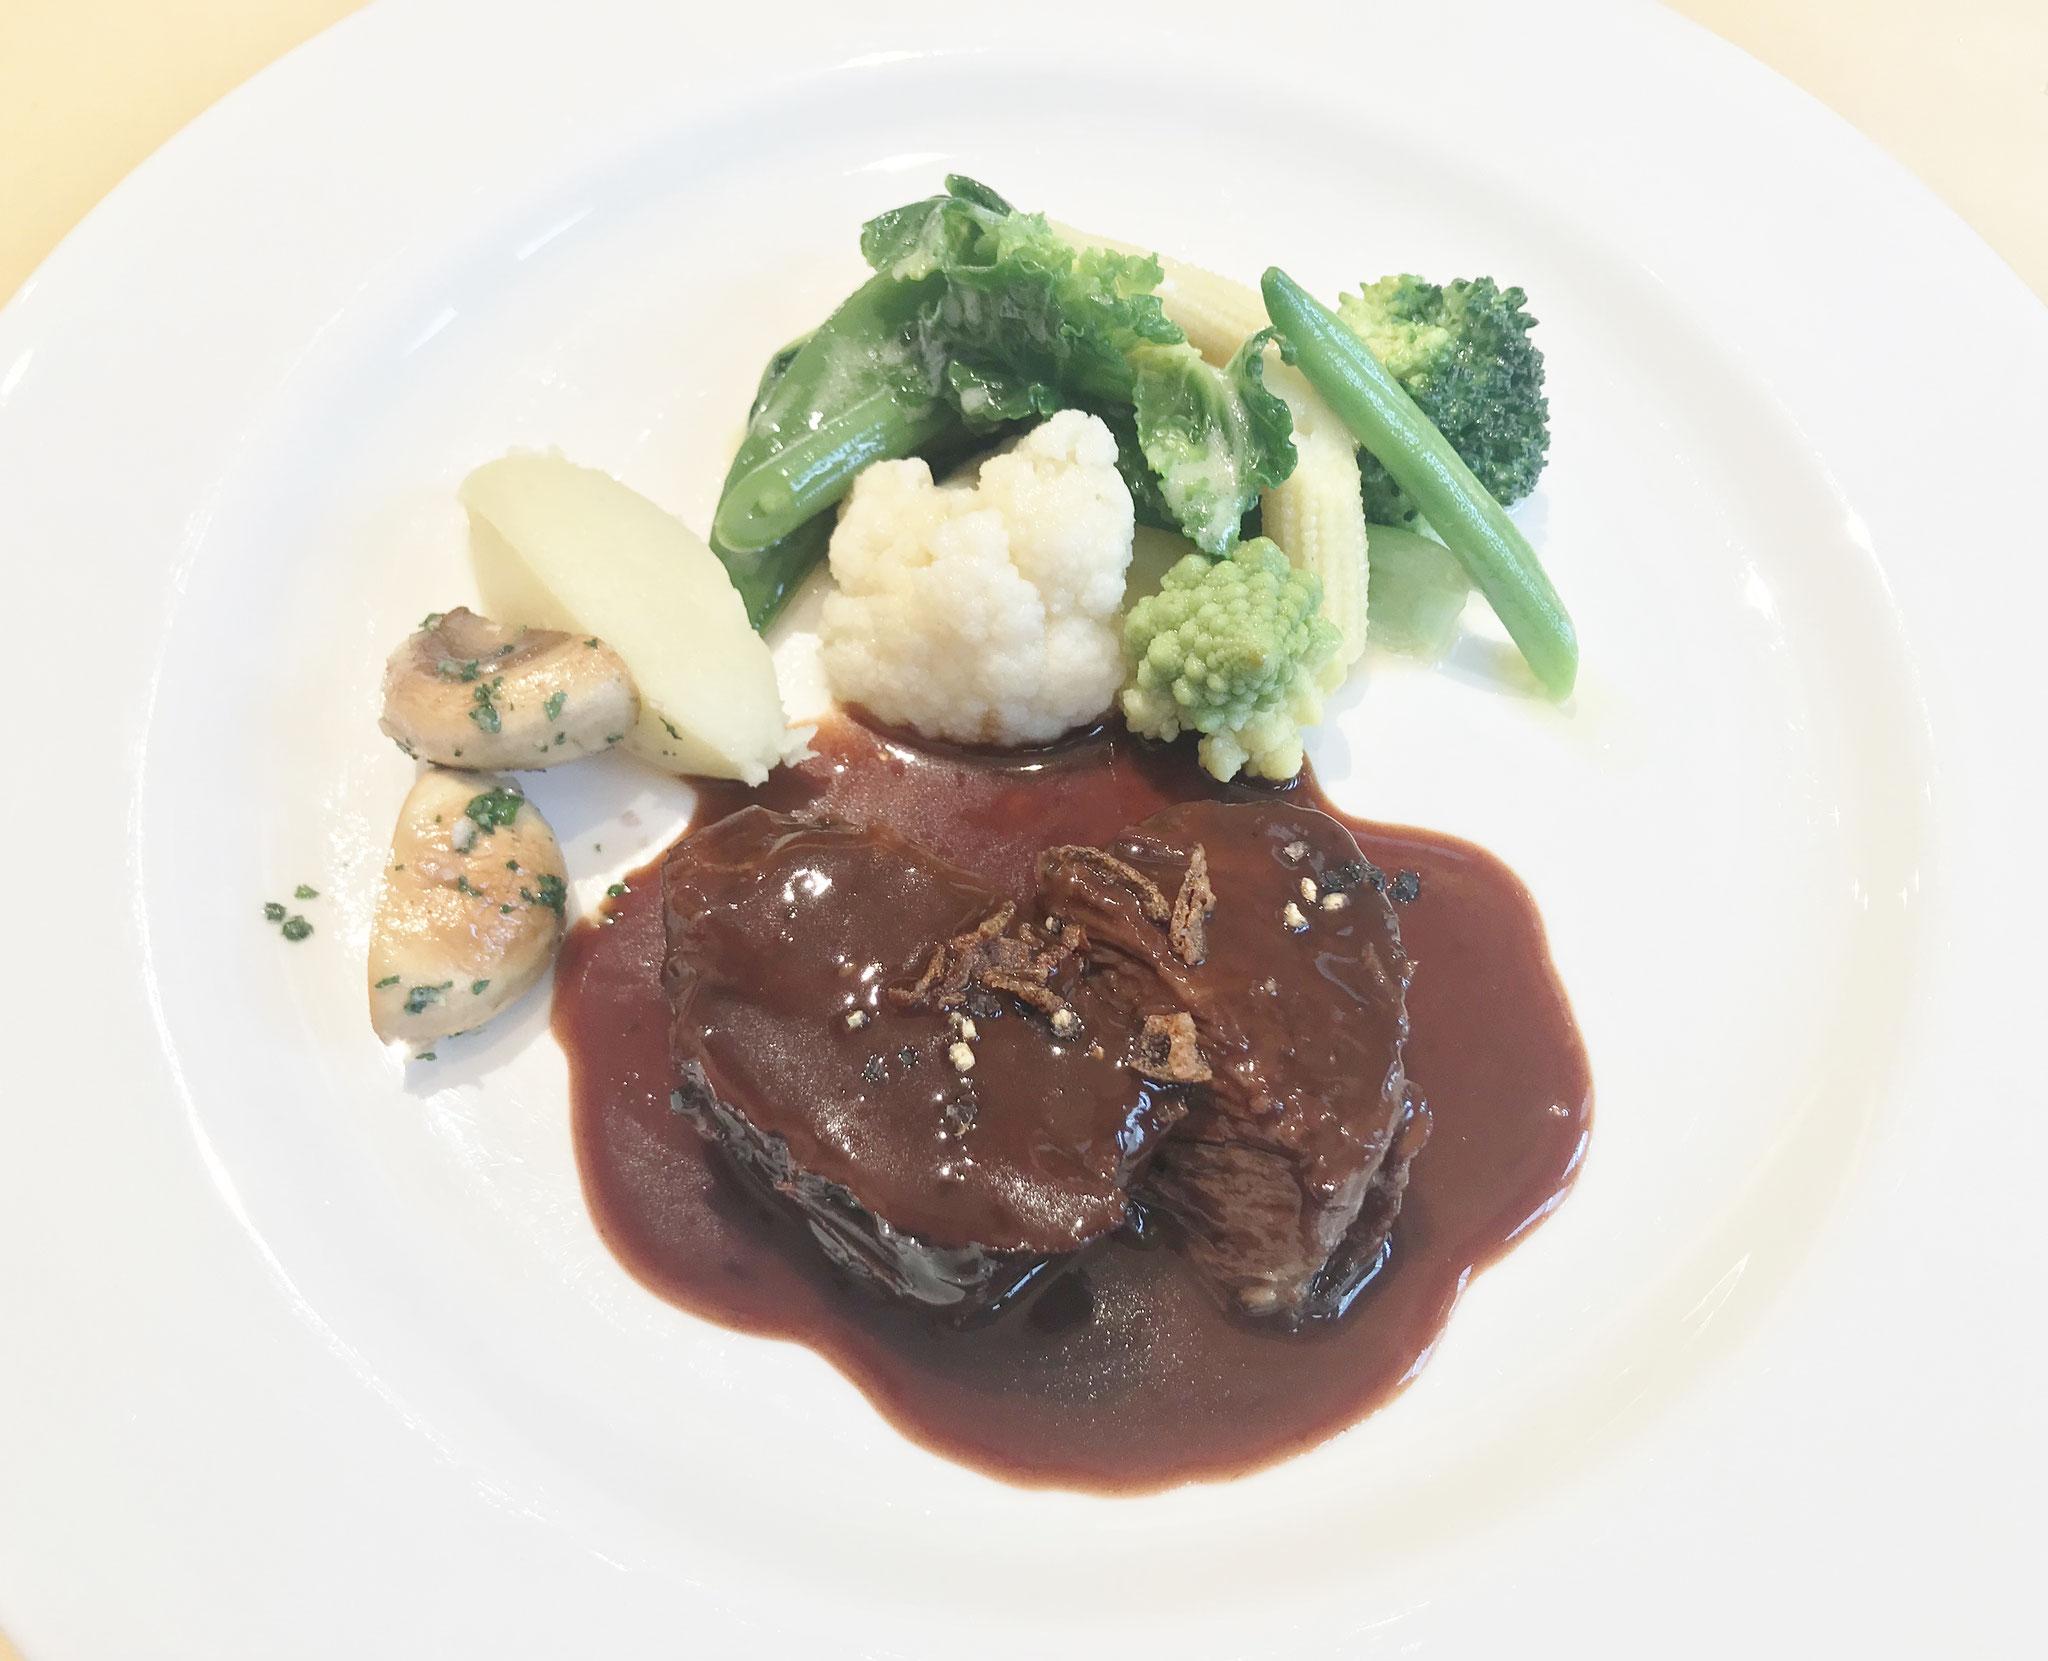 牛肉の煮込み、柔らかくてホロホロくずれます。野菜も美味しい!